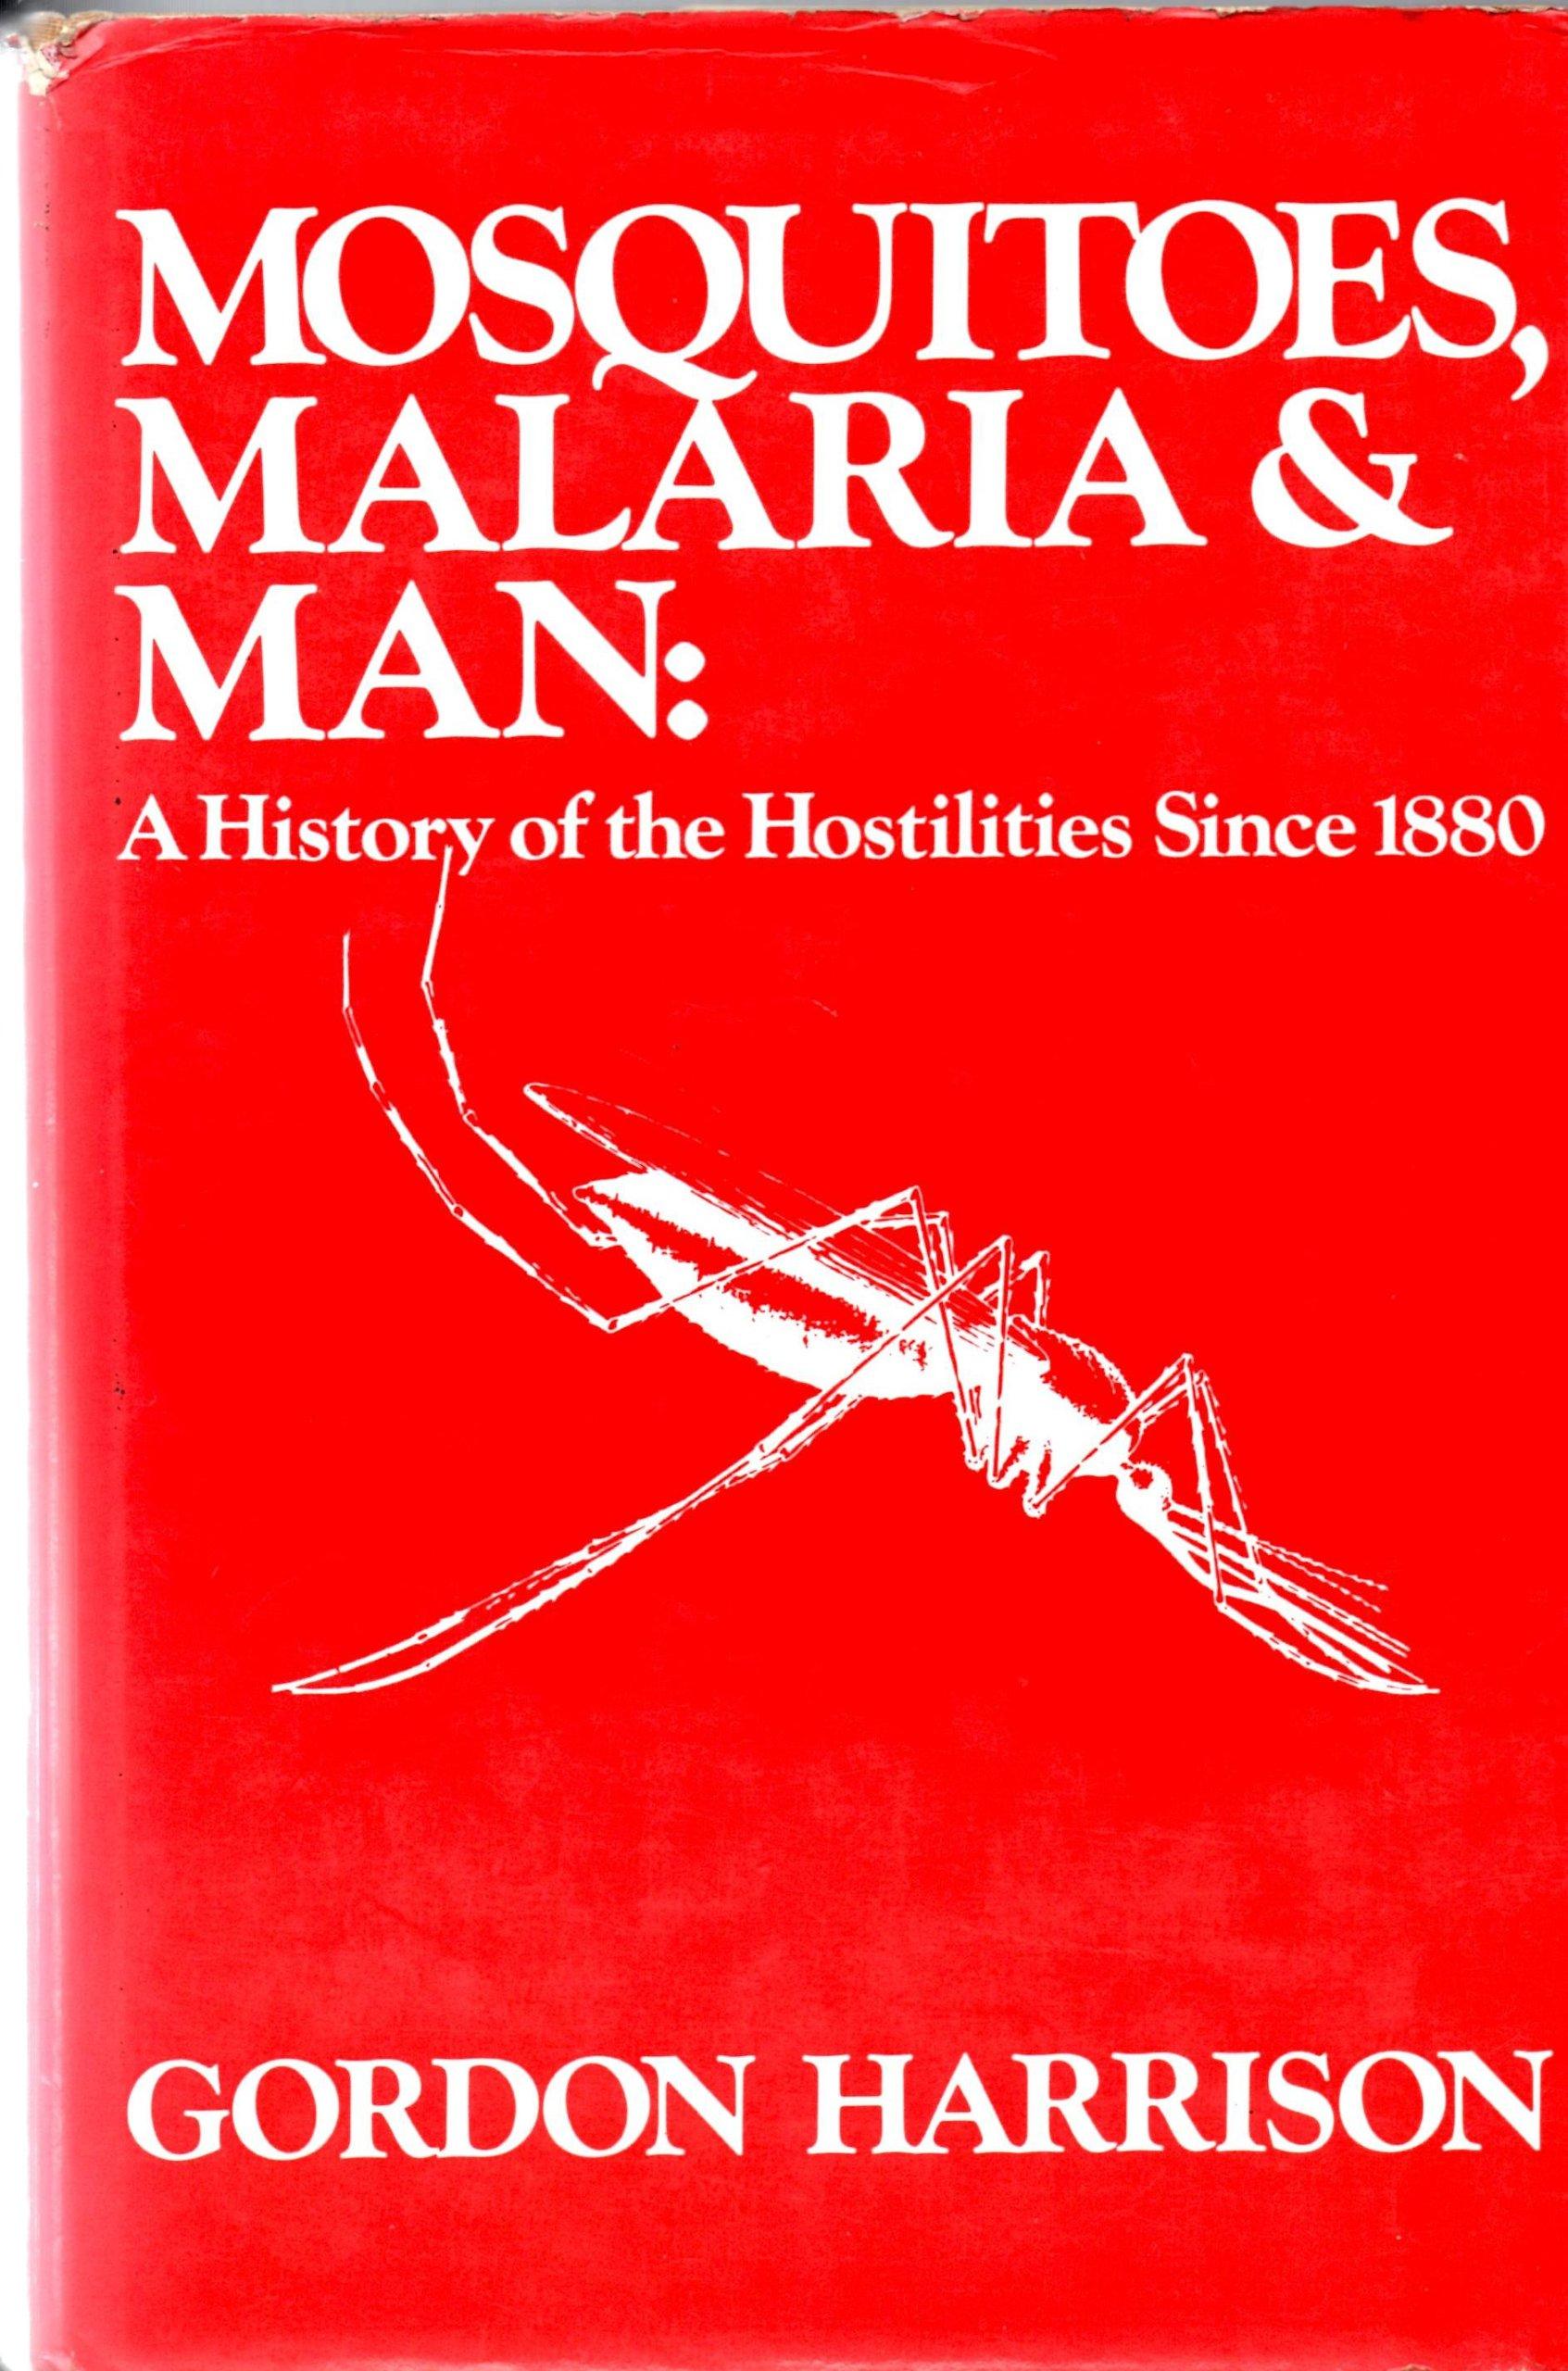 Resultado de imagen para Mosquitoes, Malaria & Man: A History of the Hostilities Since 1880 by Gordon Harrison